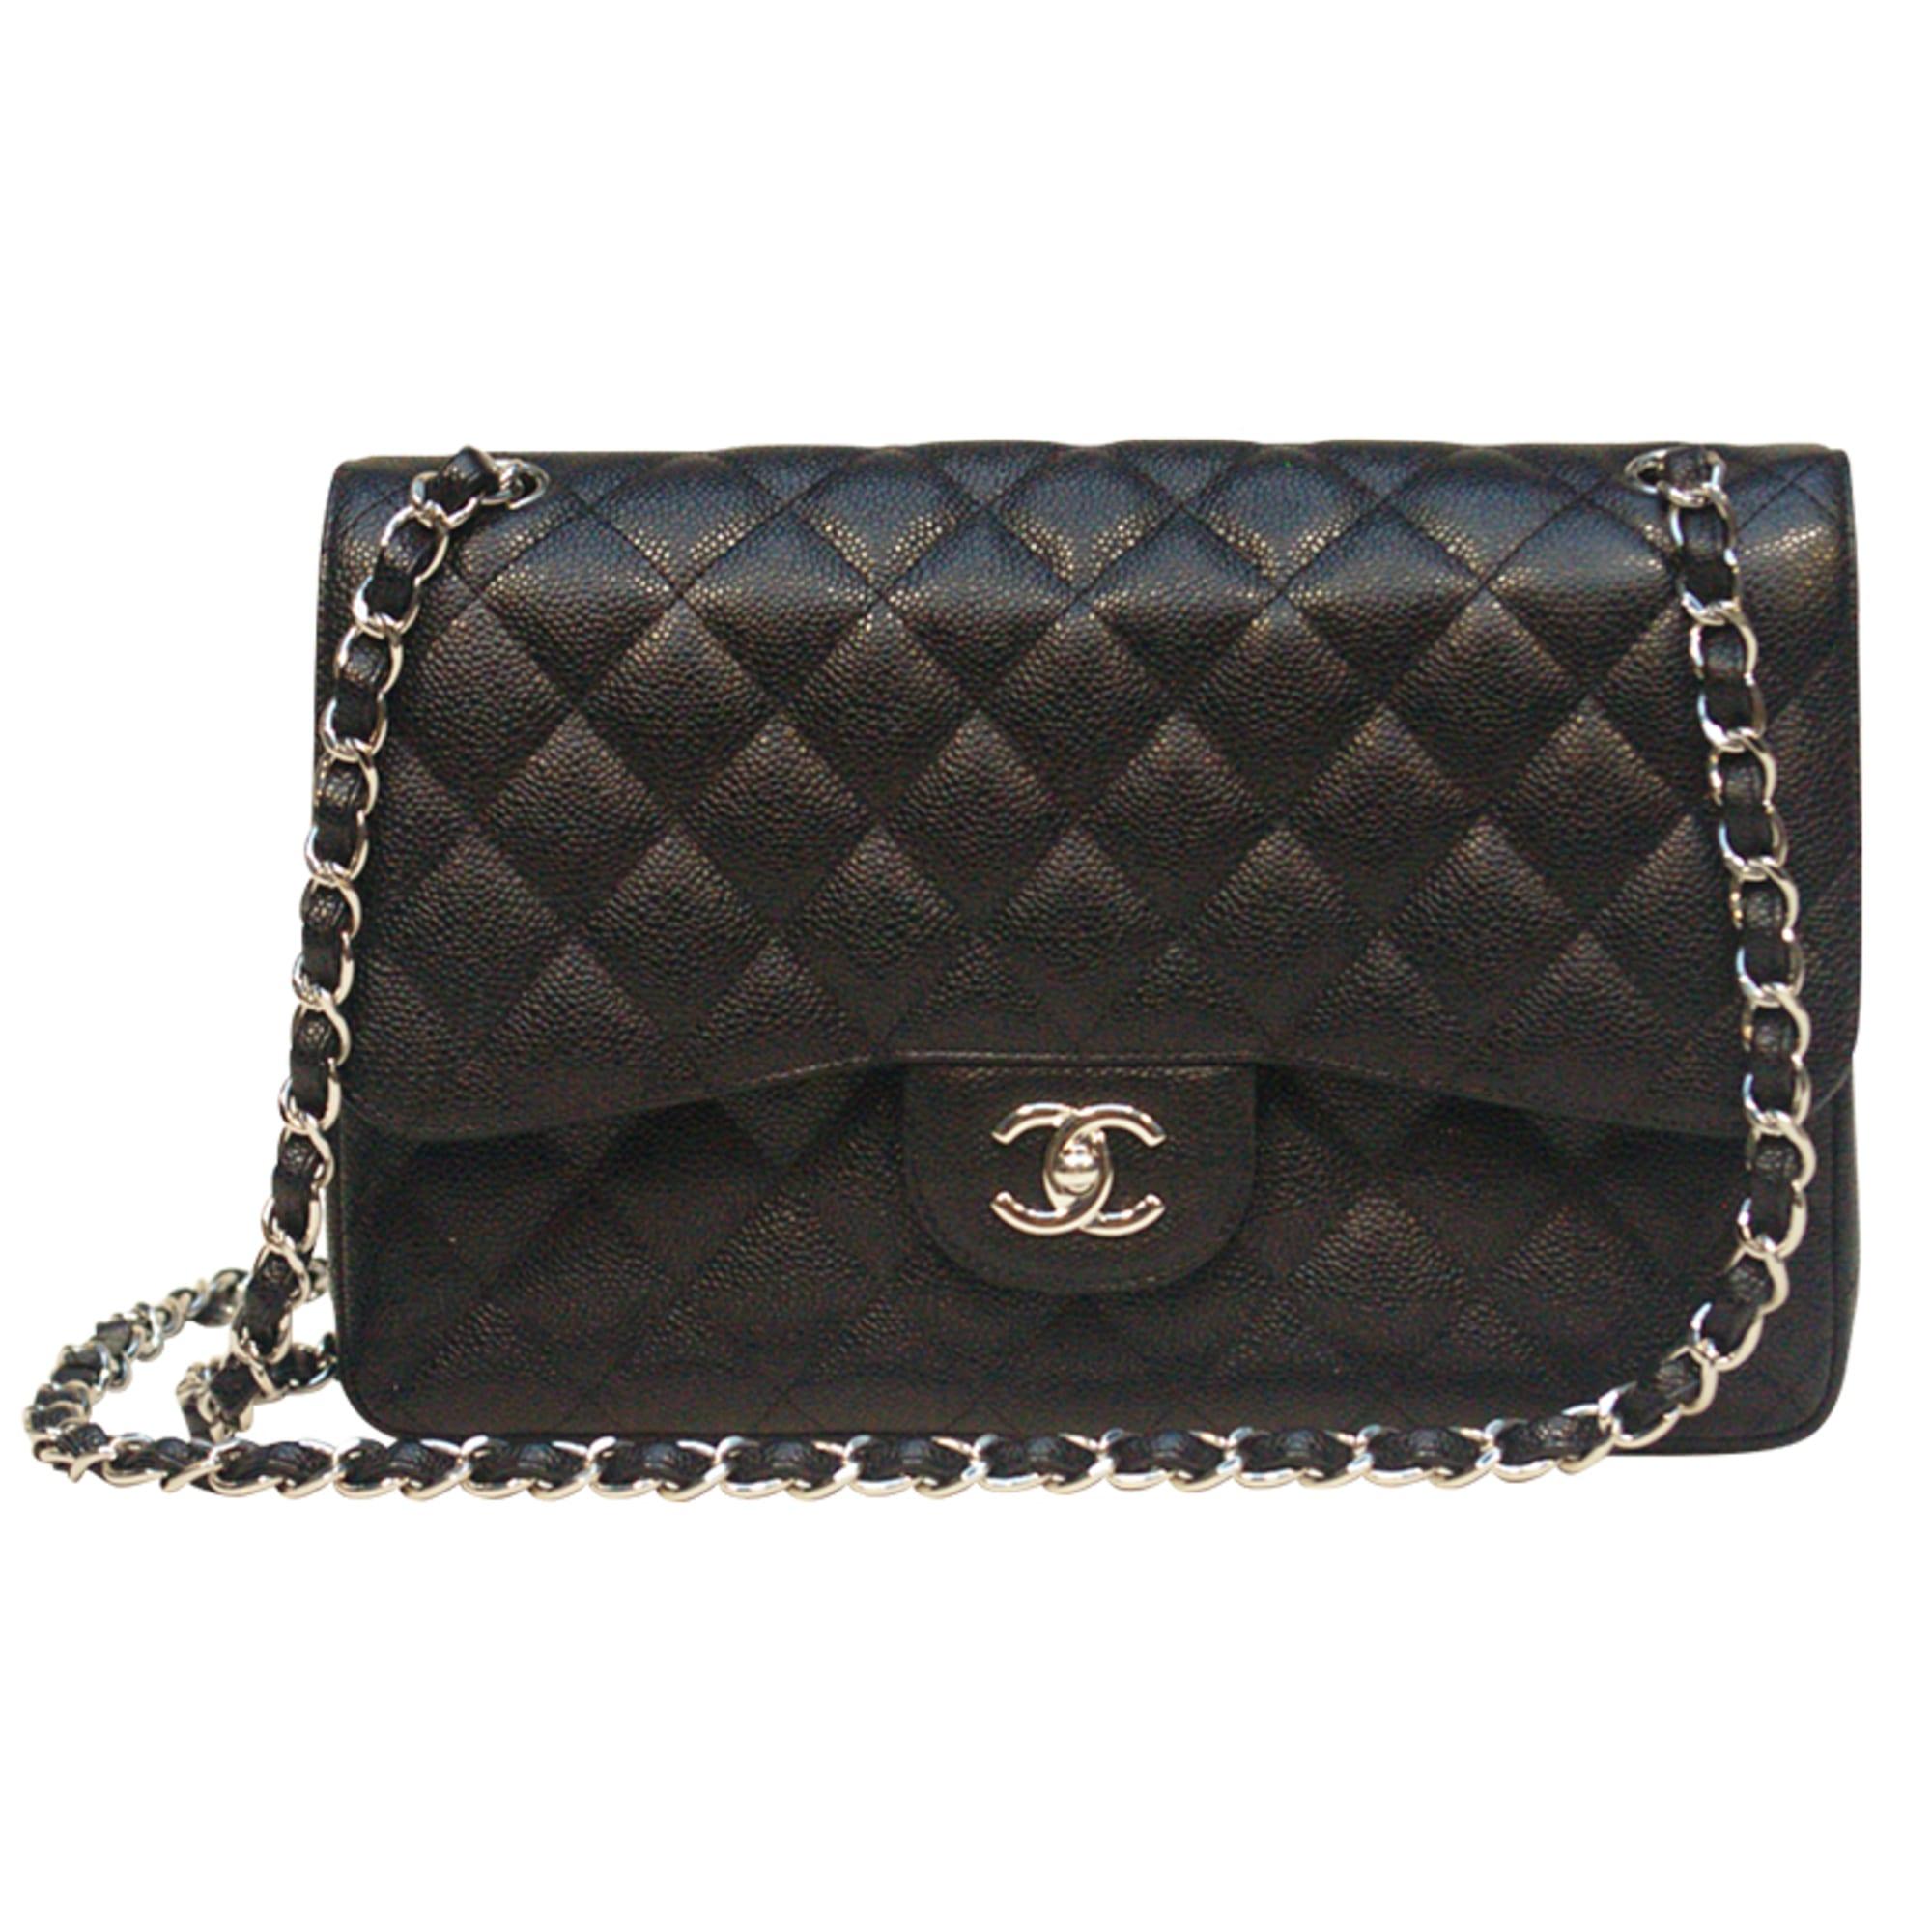 Sac XL en cuir CHANEL noir vendu par Emma 2897885 - 1775260 7d66662da5f2